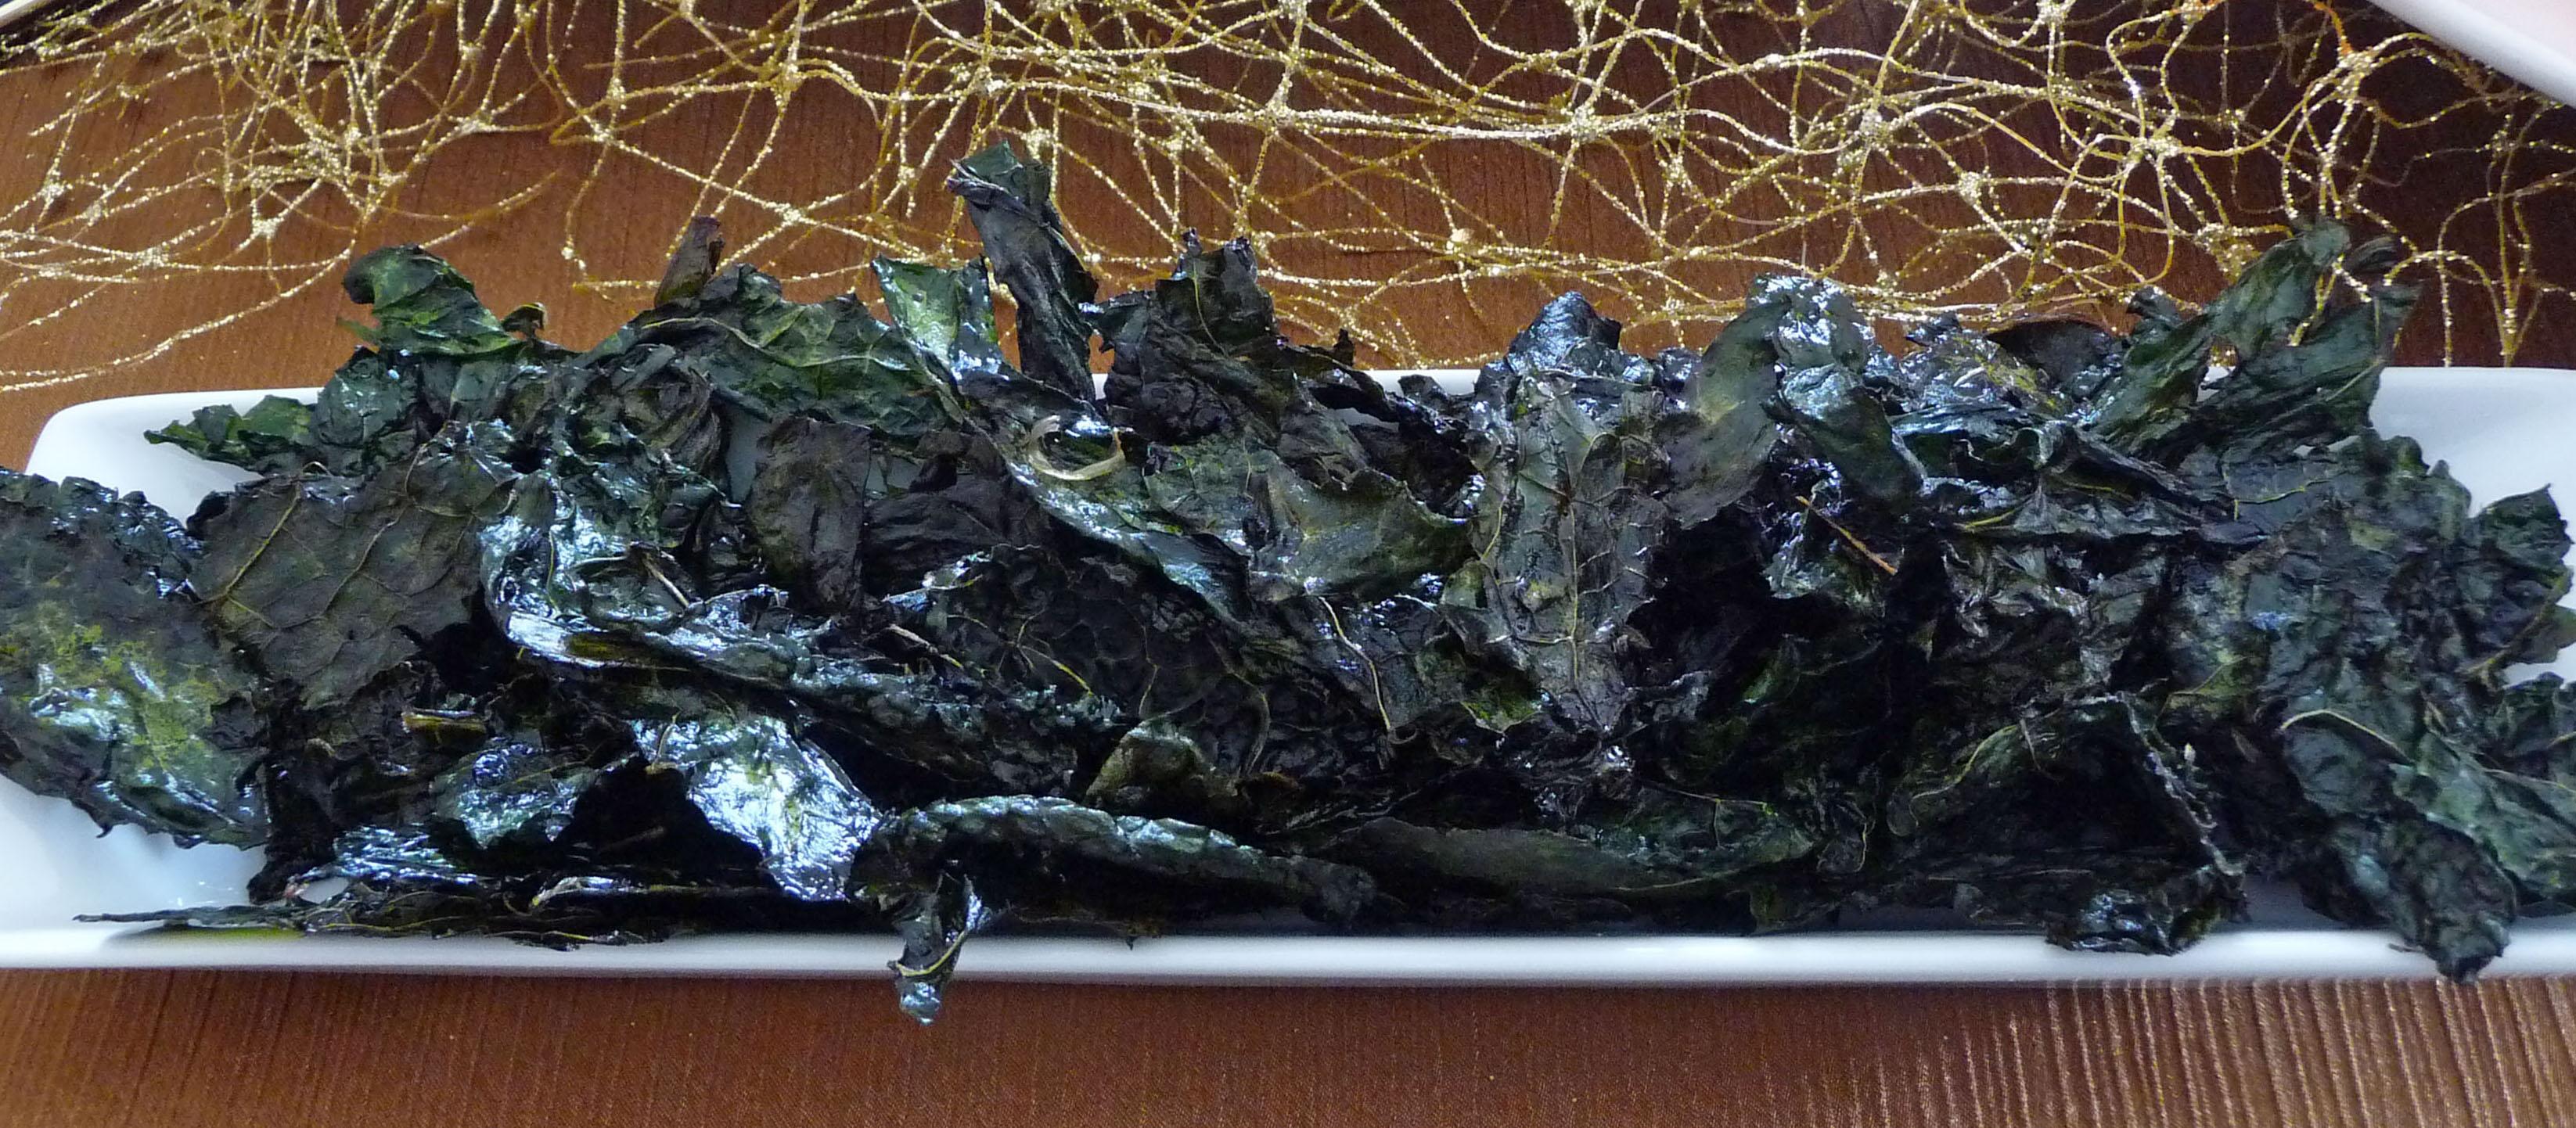 Crispy Kale Chips (c) jfhaugen